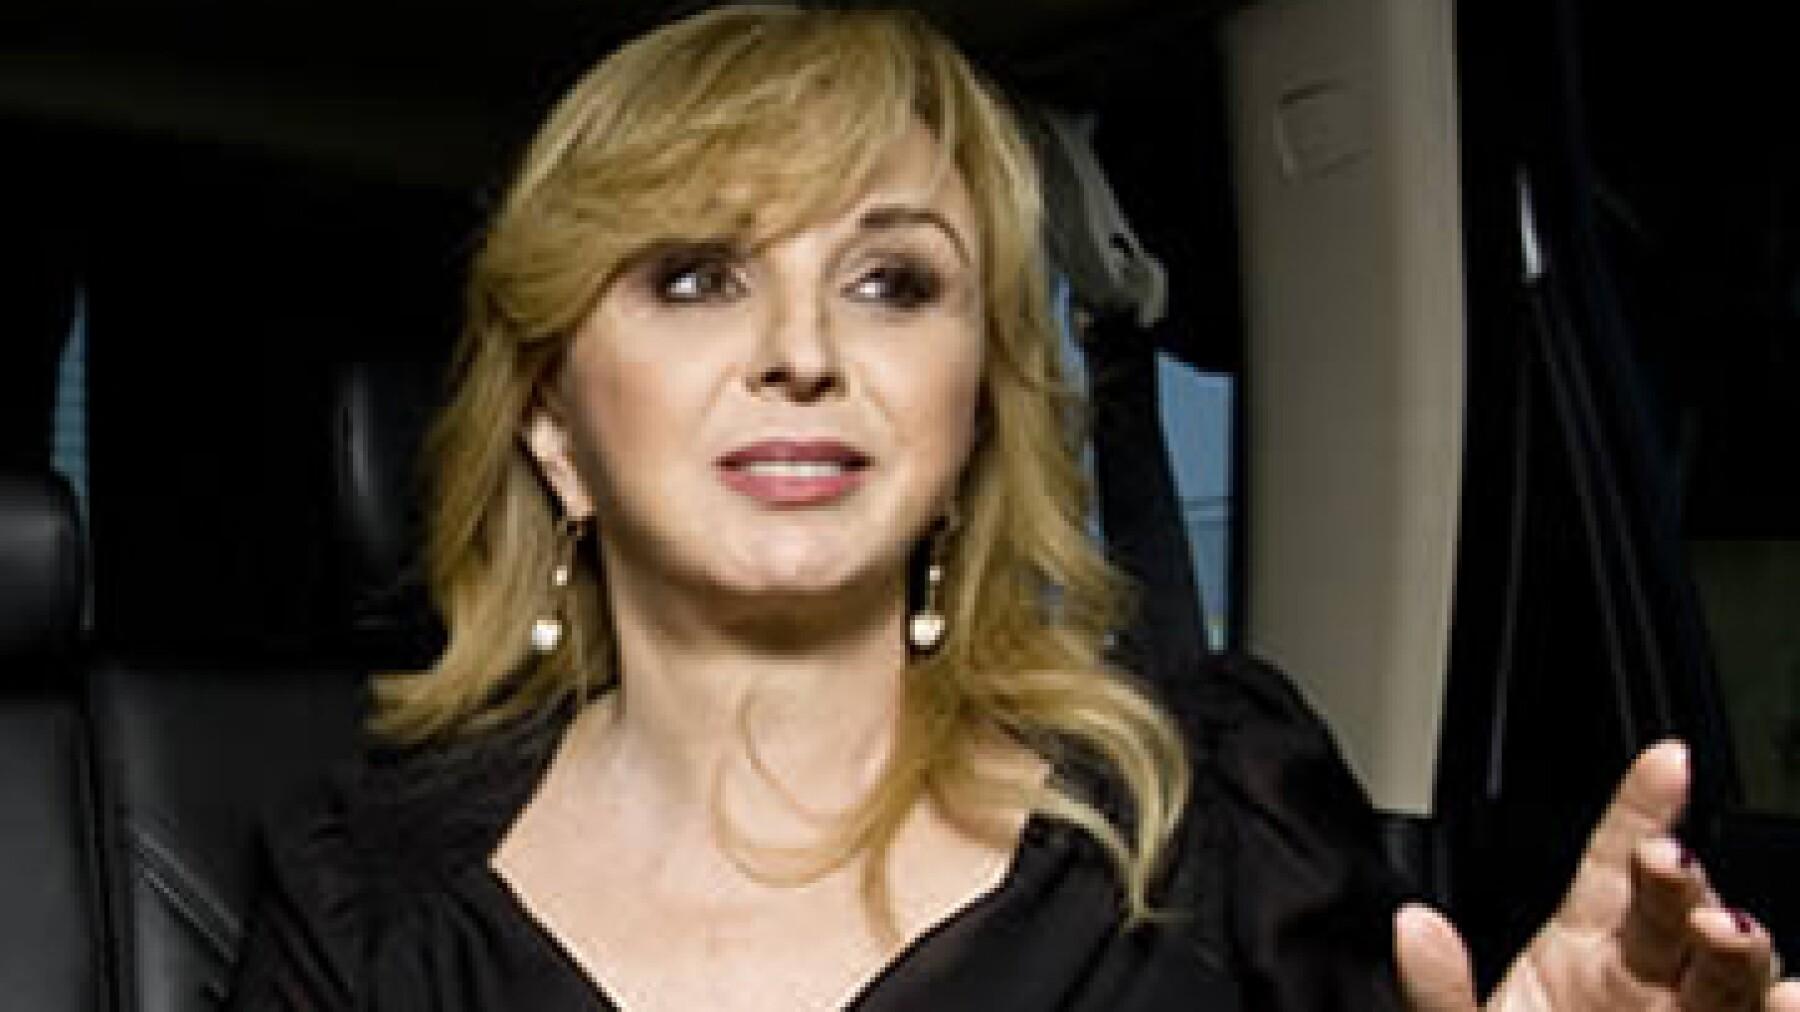 Blanca Treviño tiene el lugar 61 en el ranking 2013 de 'Los 100 empresarios más importantes de México'. (Foto: Duilio Rodríguez / Revista Expansión)